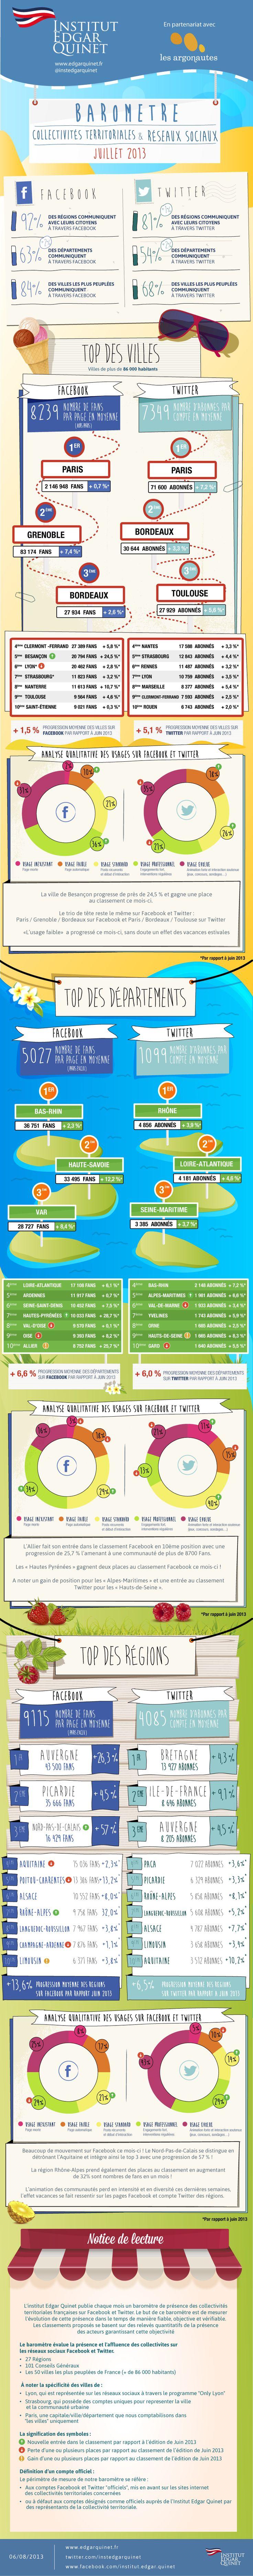 Le baromètre des collectivités territoriales sur les #réseaux #sociaux #Social #Media #Facebook #Twitter #Administration